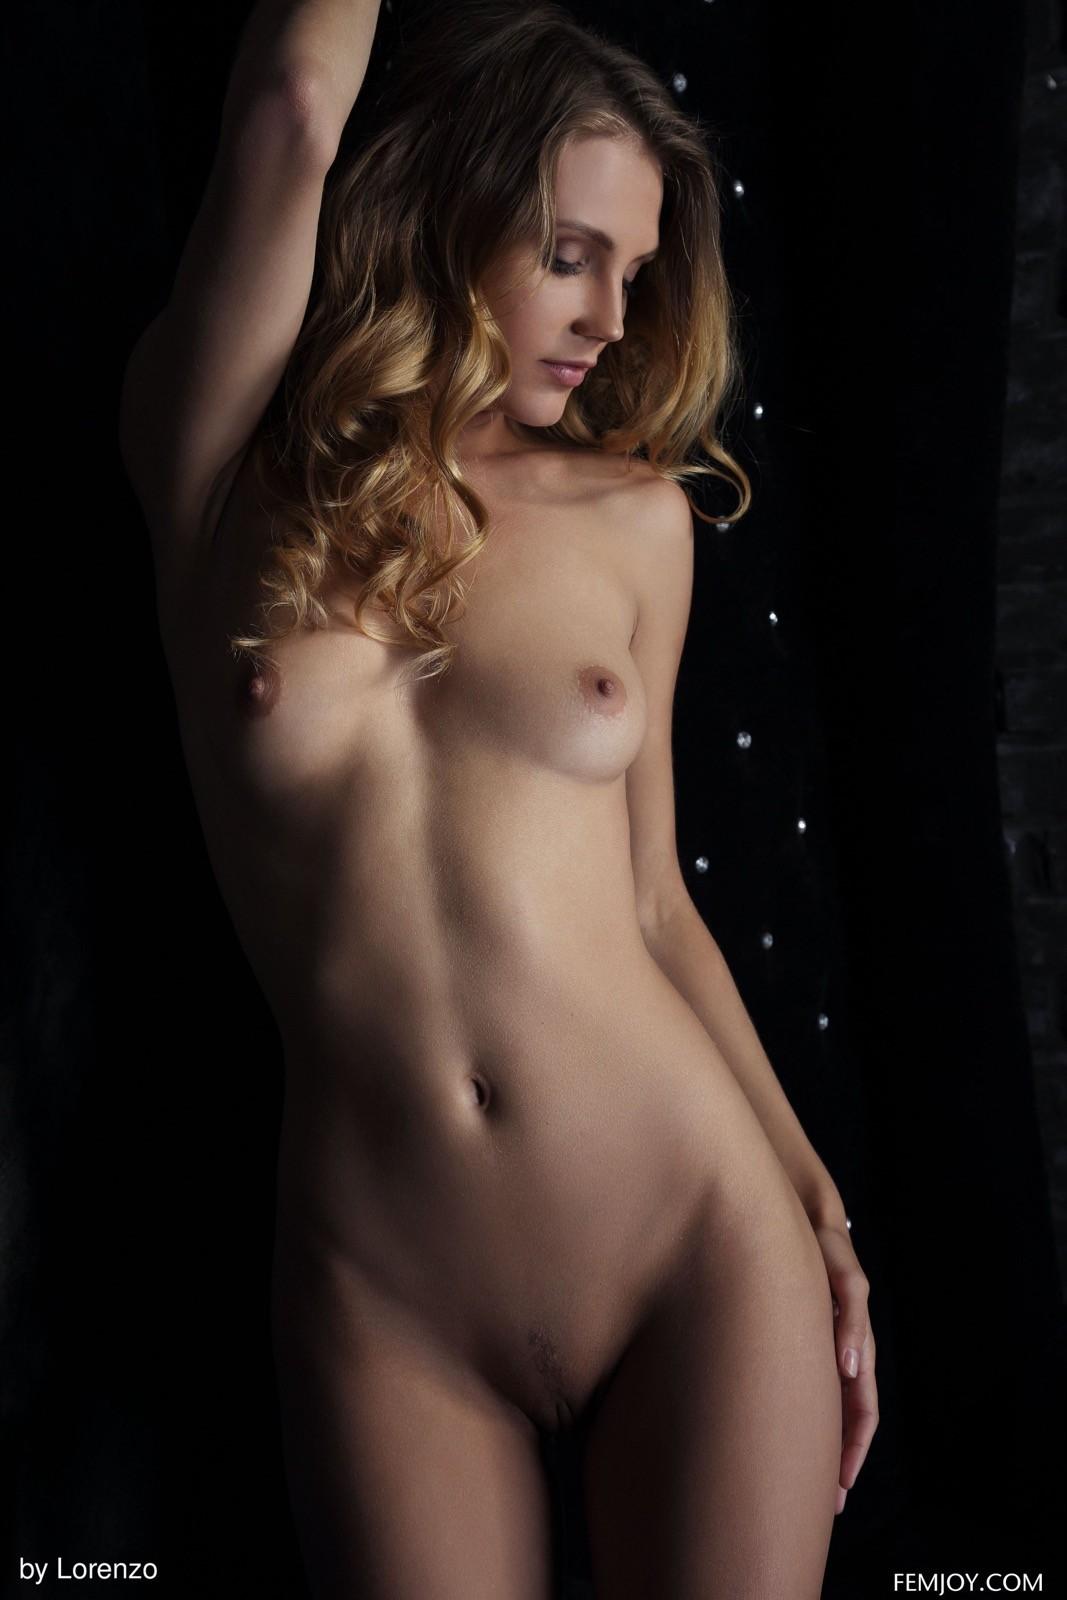 Блондинка с обнаженной попой и писей - фото